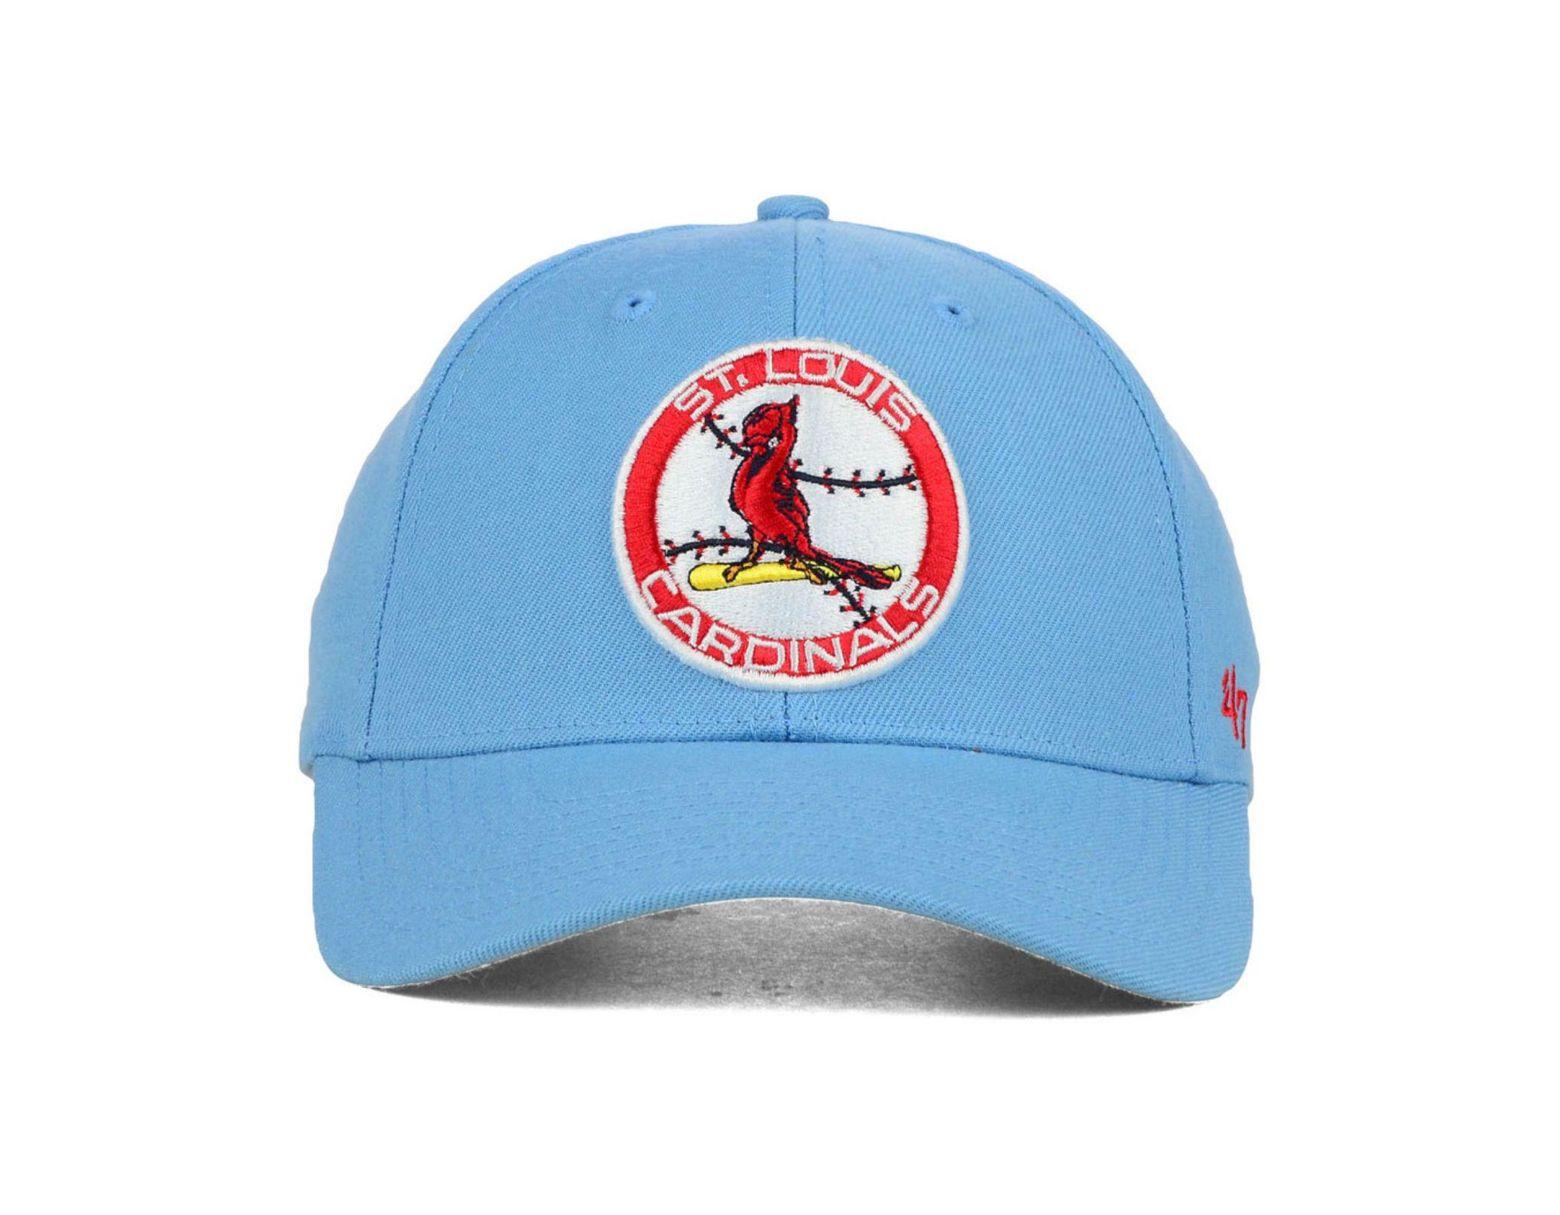 88fccb35 Men's Blue St. Louis Cardinals Mvp Curved Cap